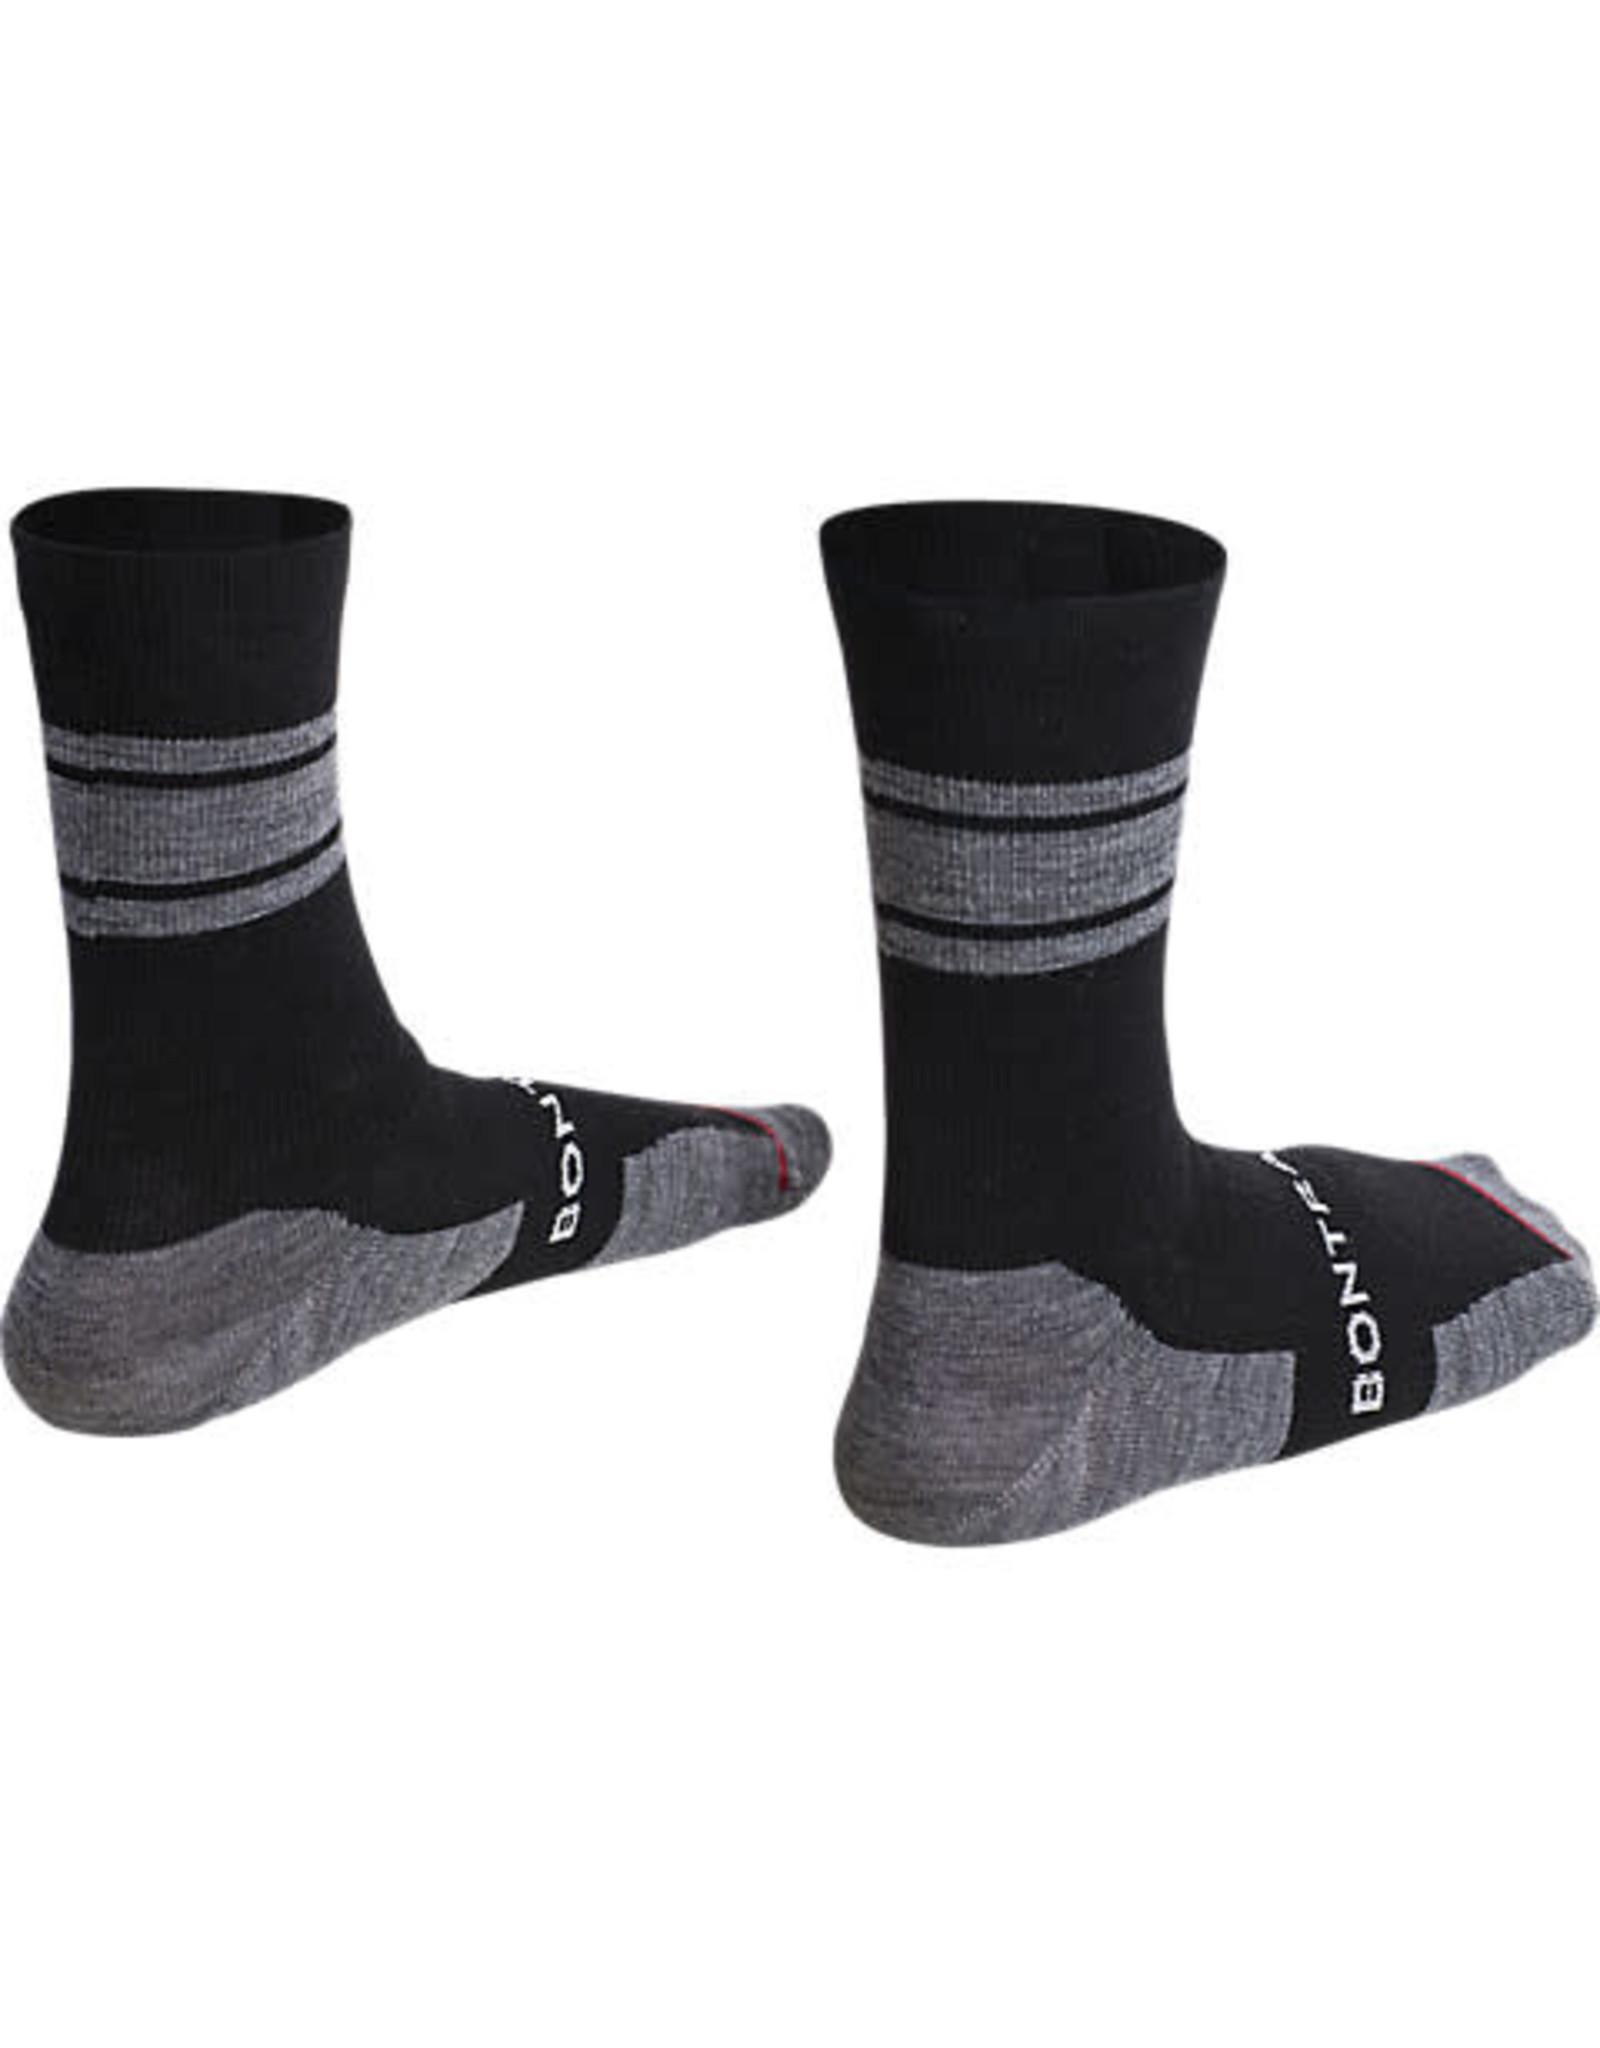 Bontrager Chaussettes pour cyclistes Bontrager Race 5